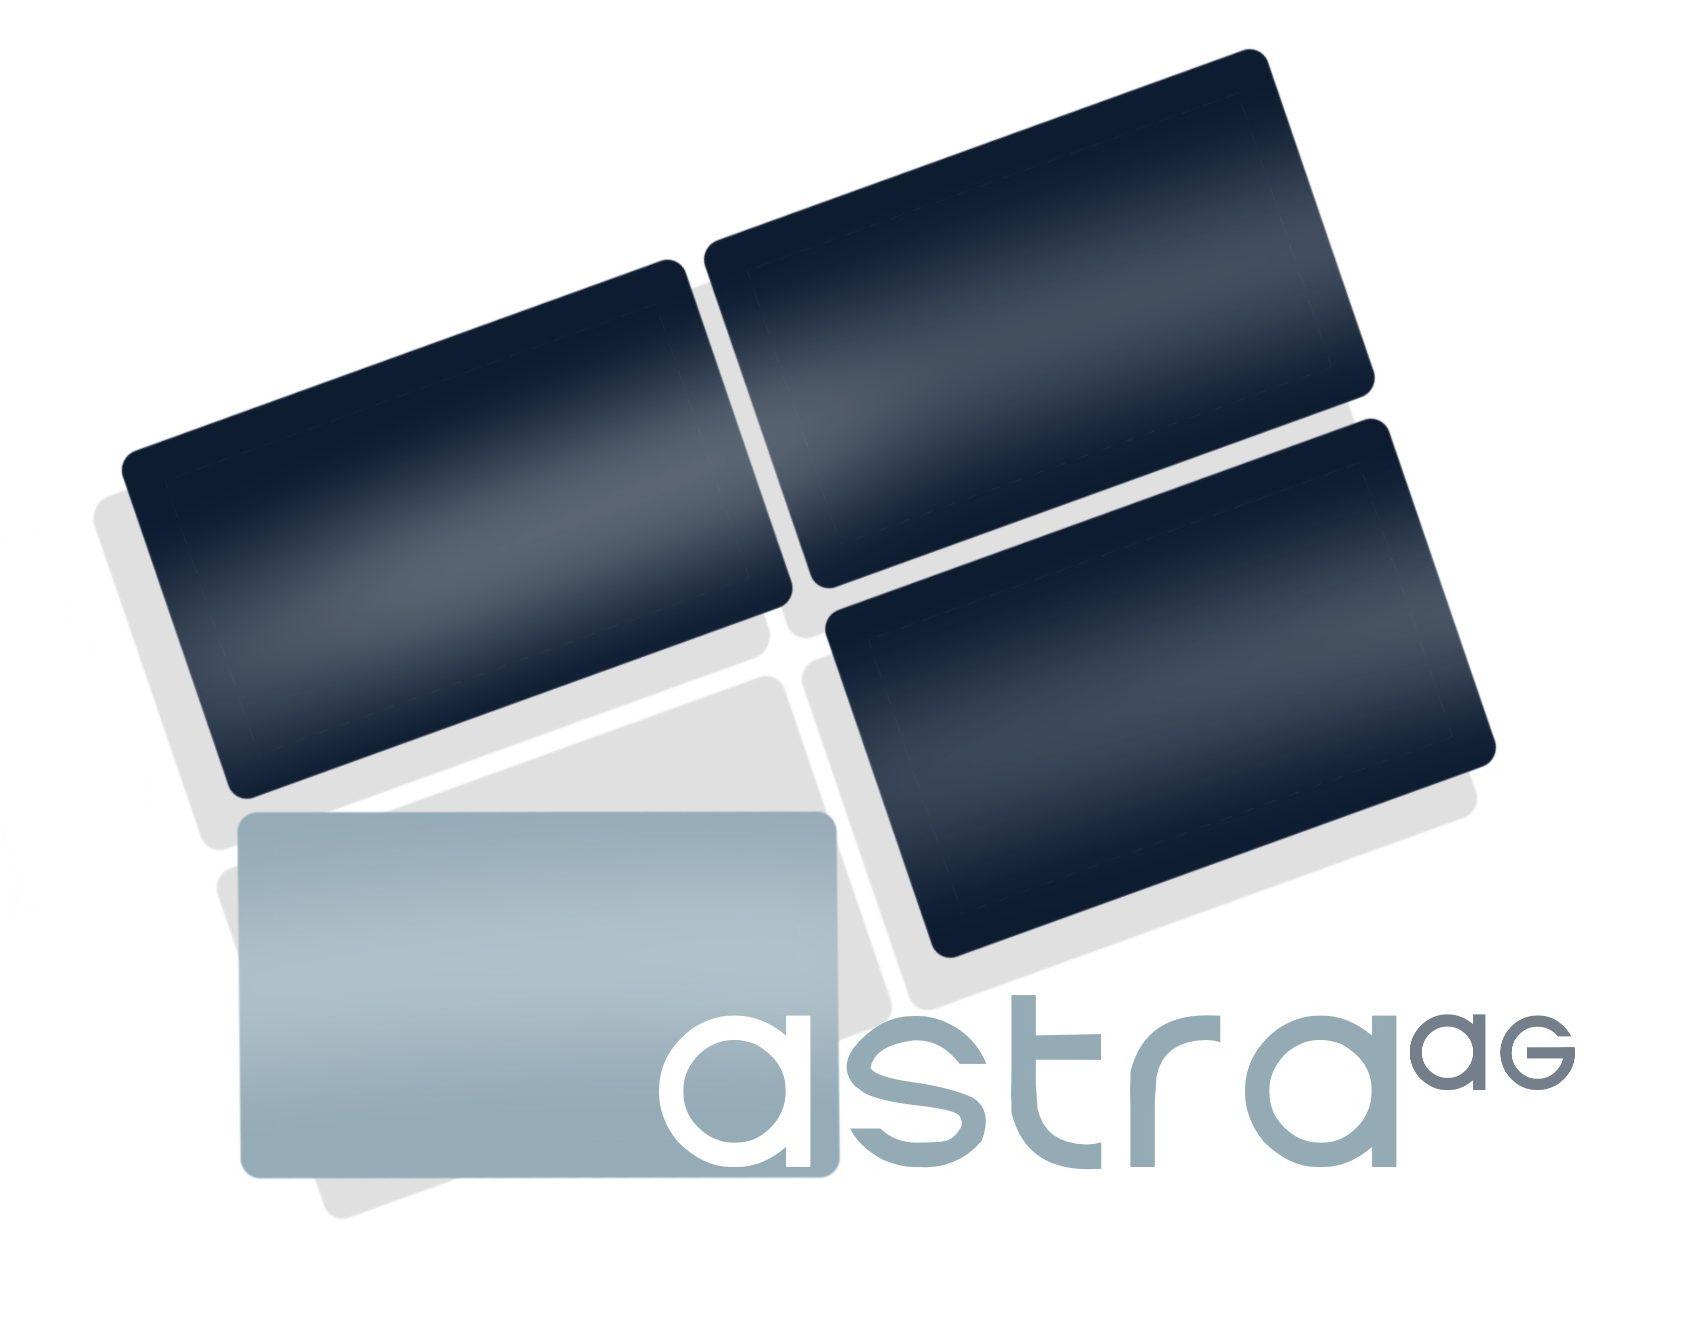 Astra AG